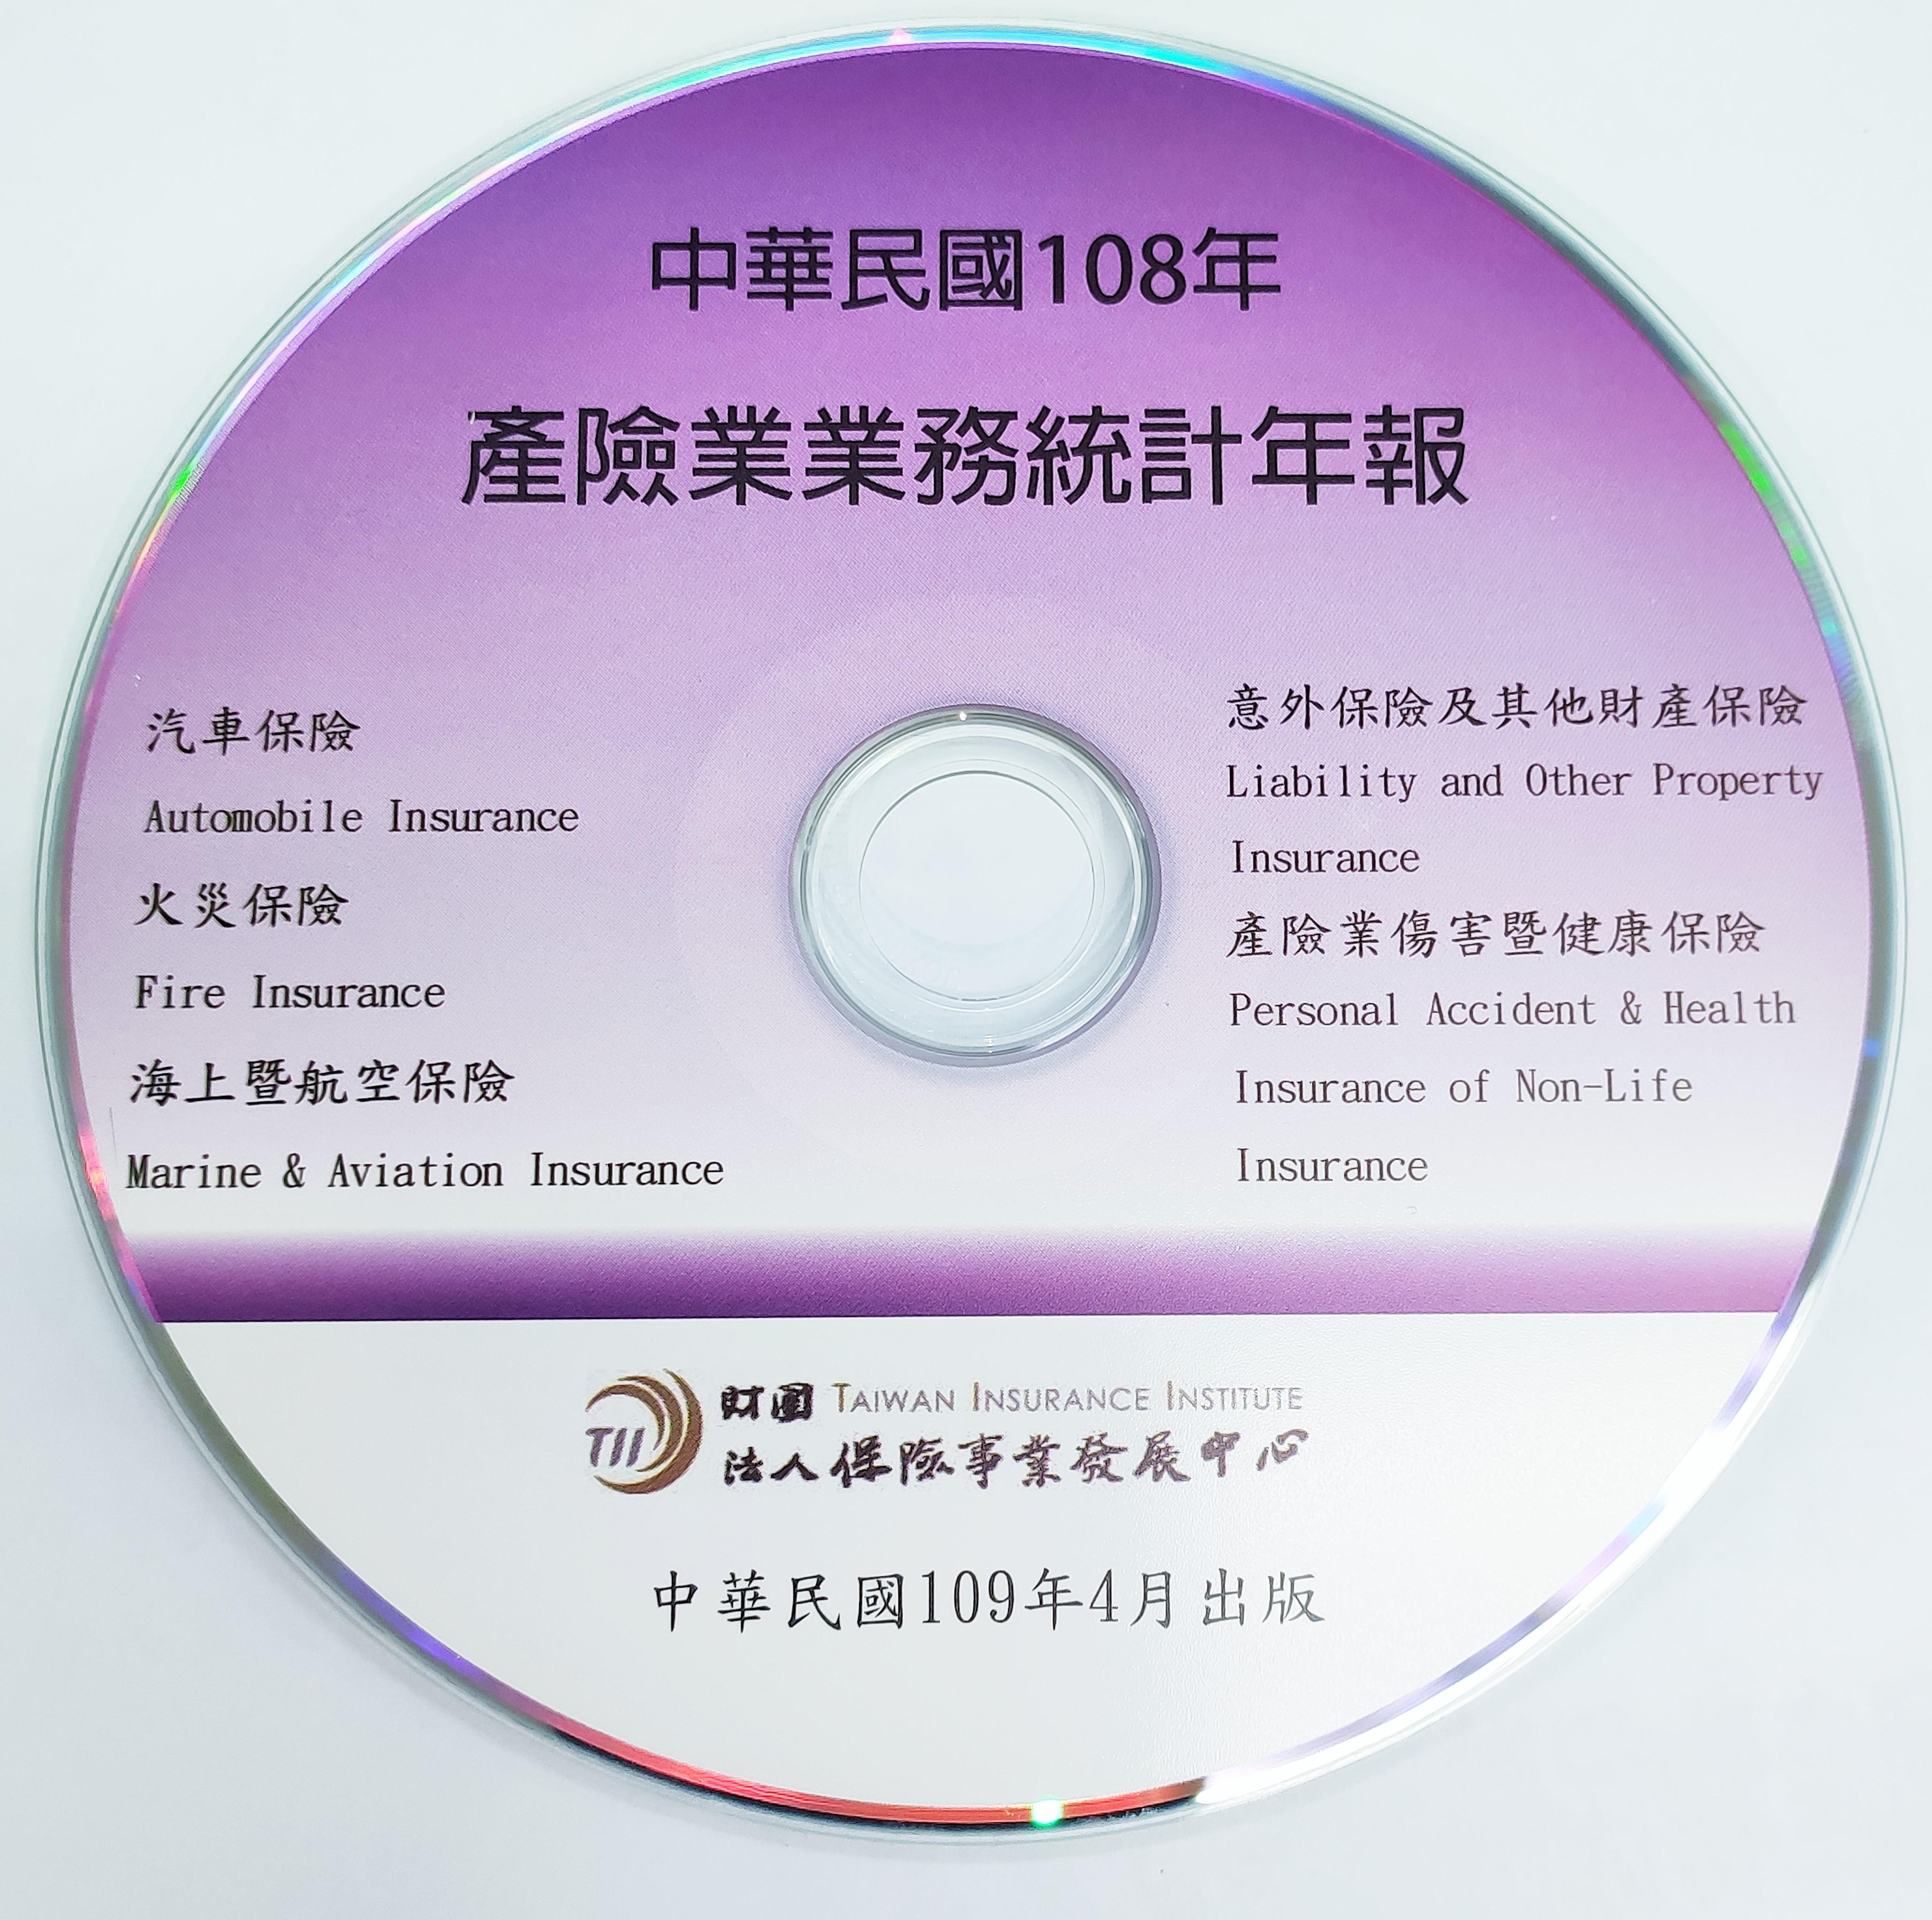 產險業業務統計年報(2019)光碟片